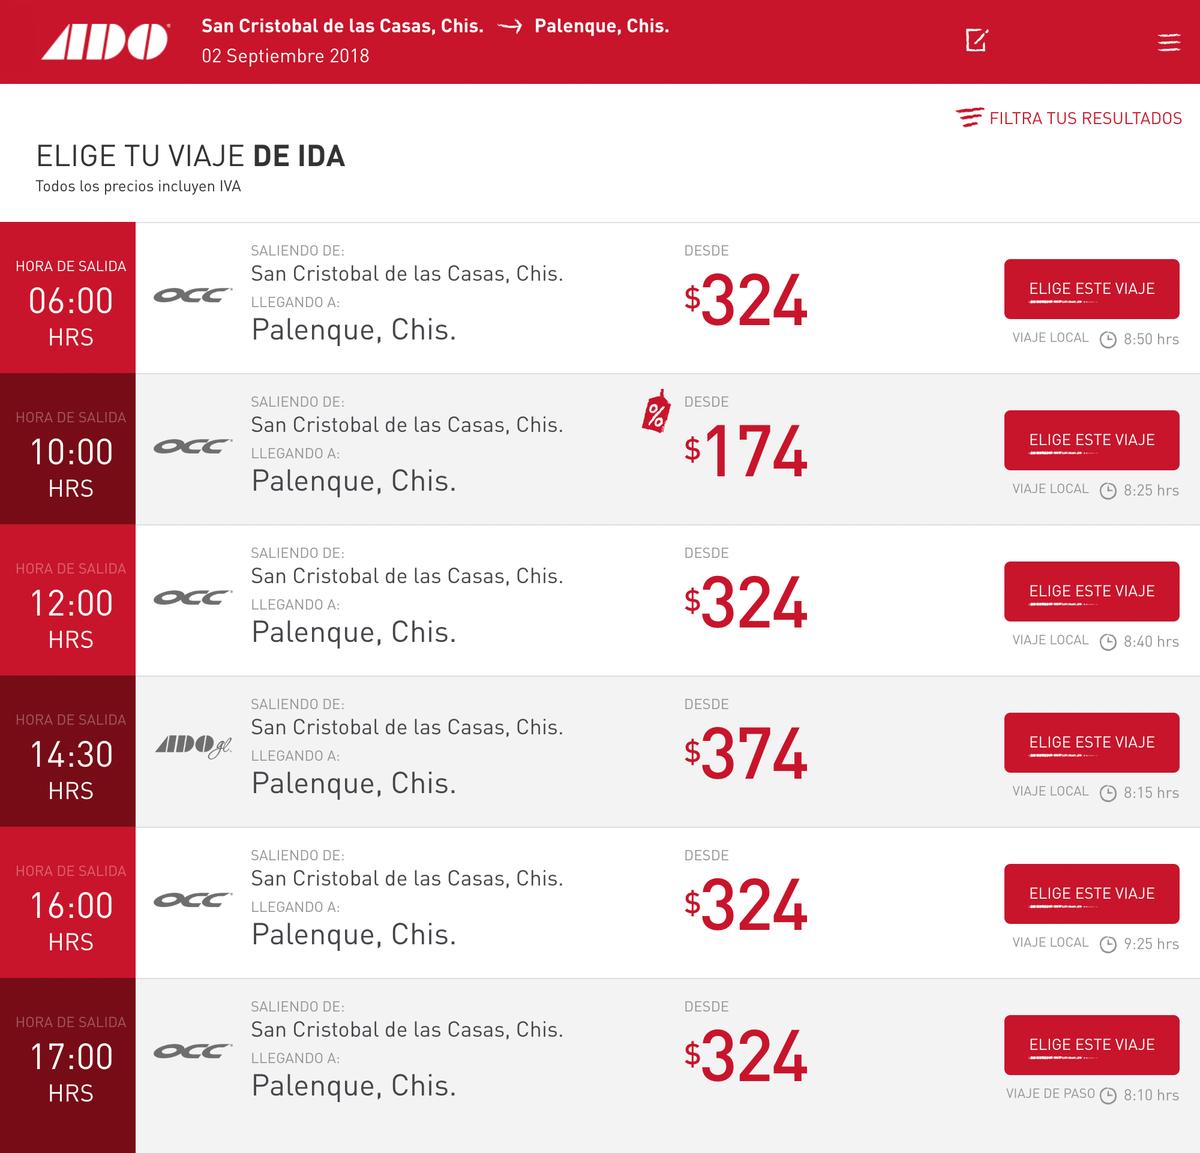 Цены на билеты до Паленке меняются, но всегда можно найти вариант со скидкой